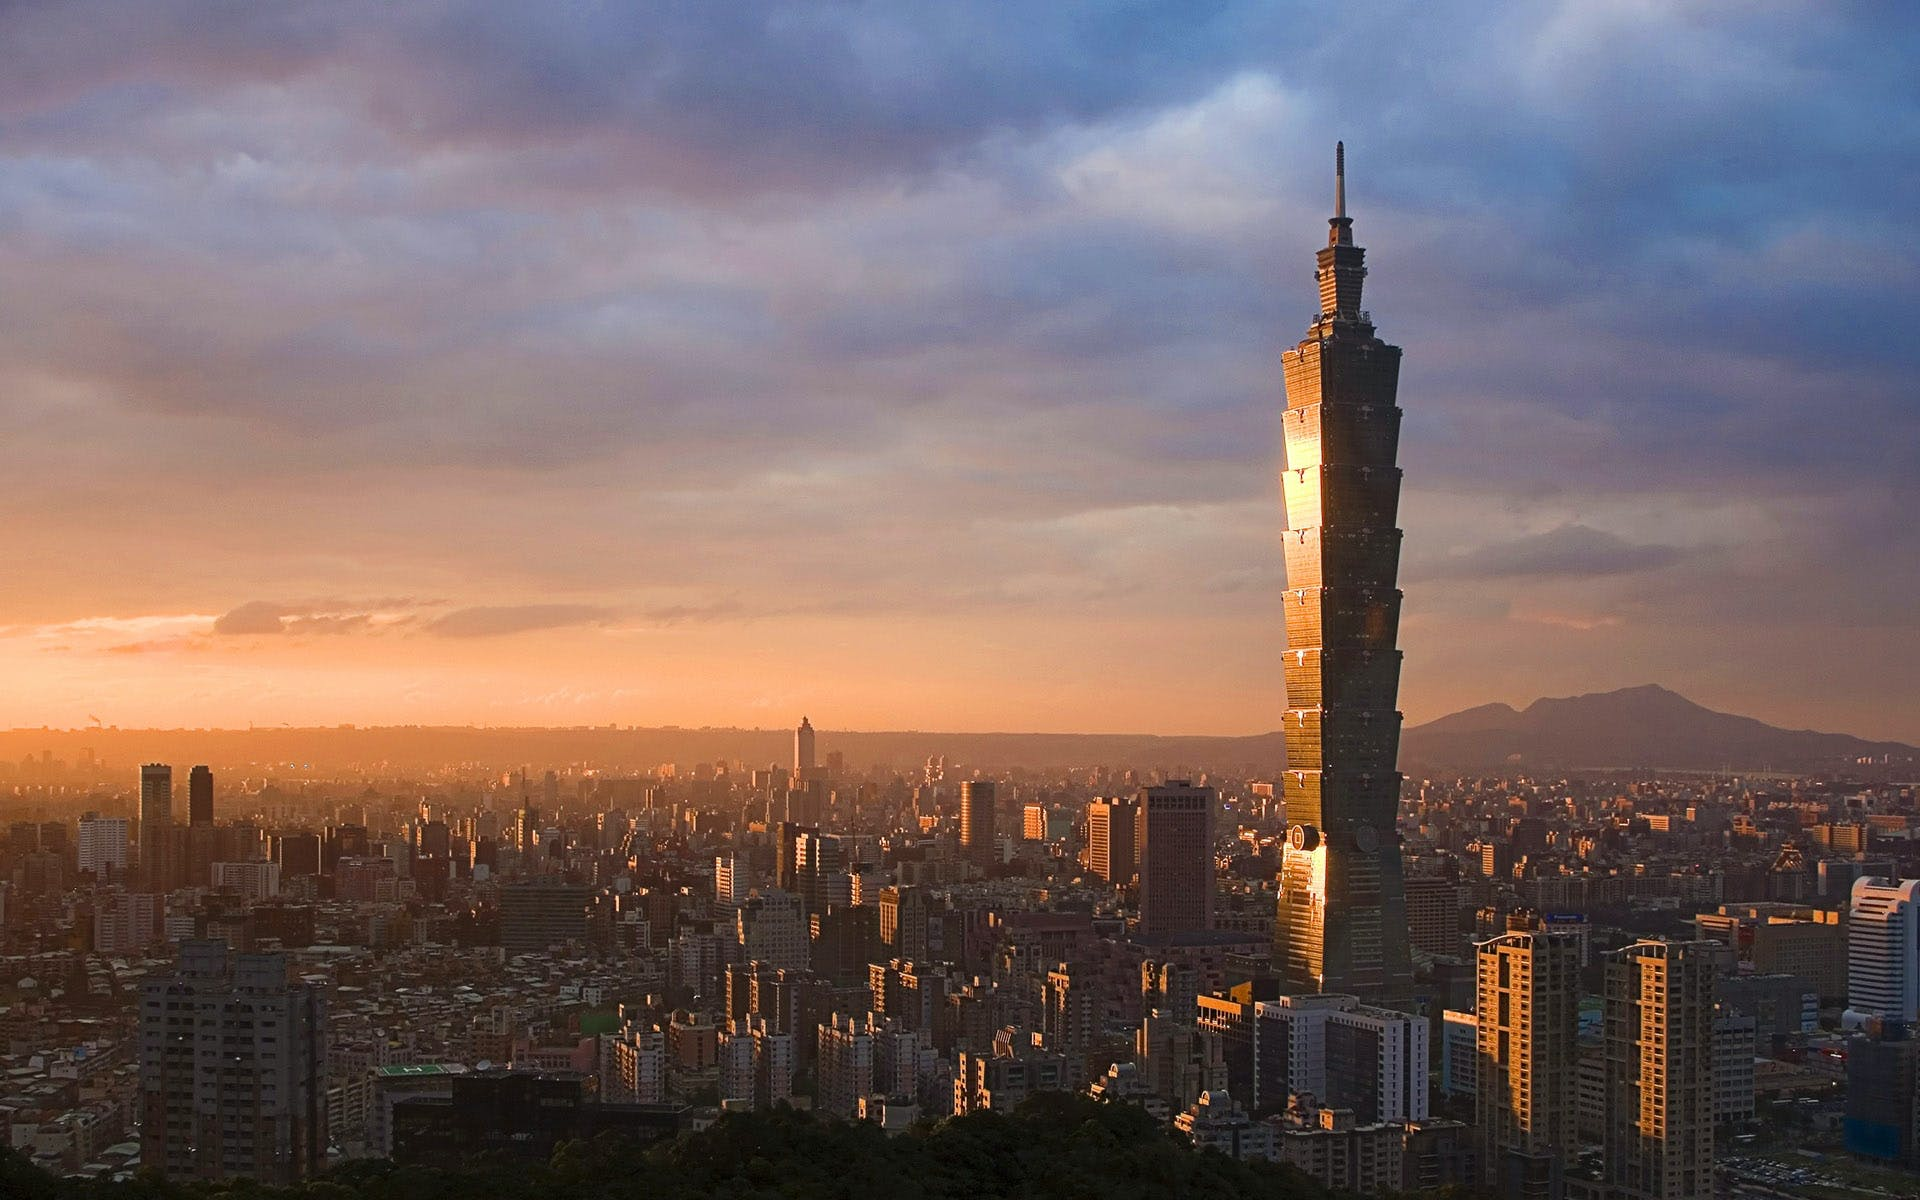 9: Taipei 101 – 508 m.